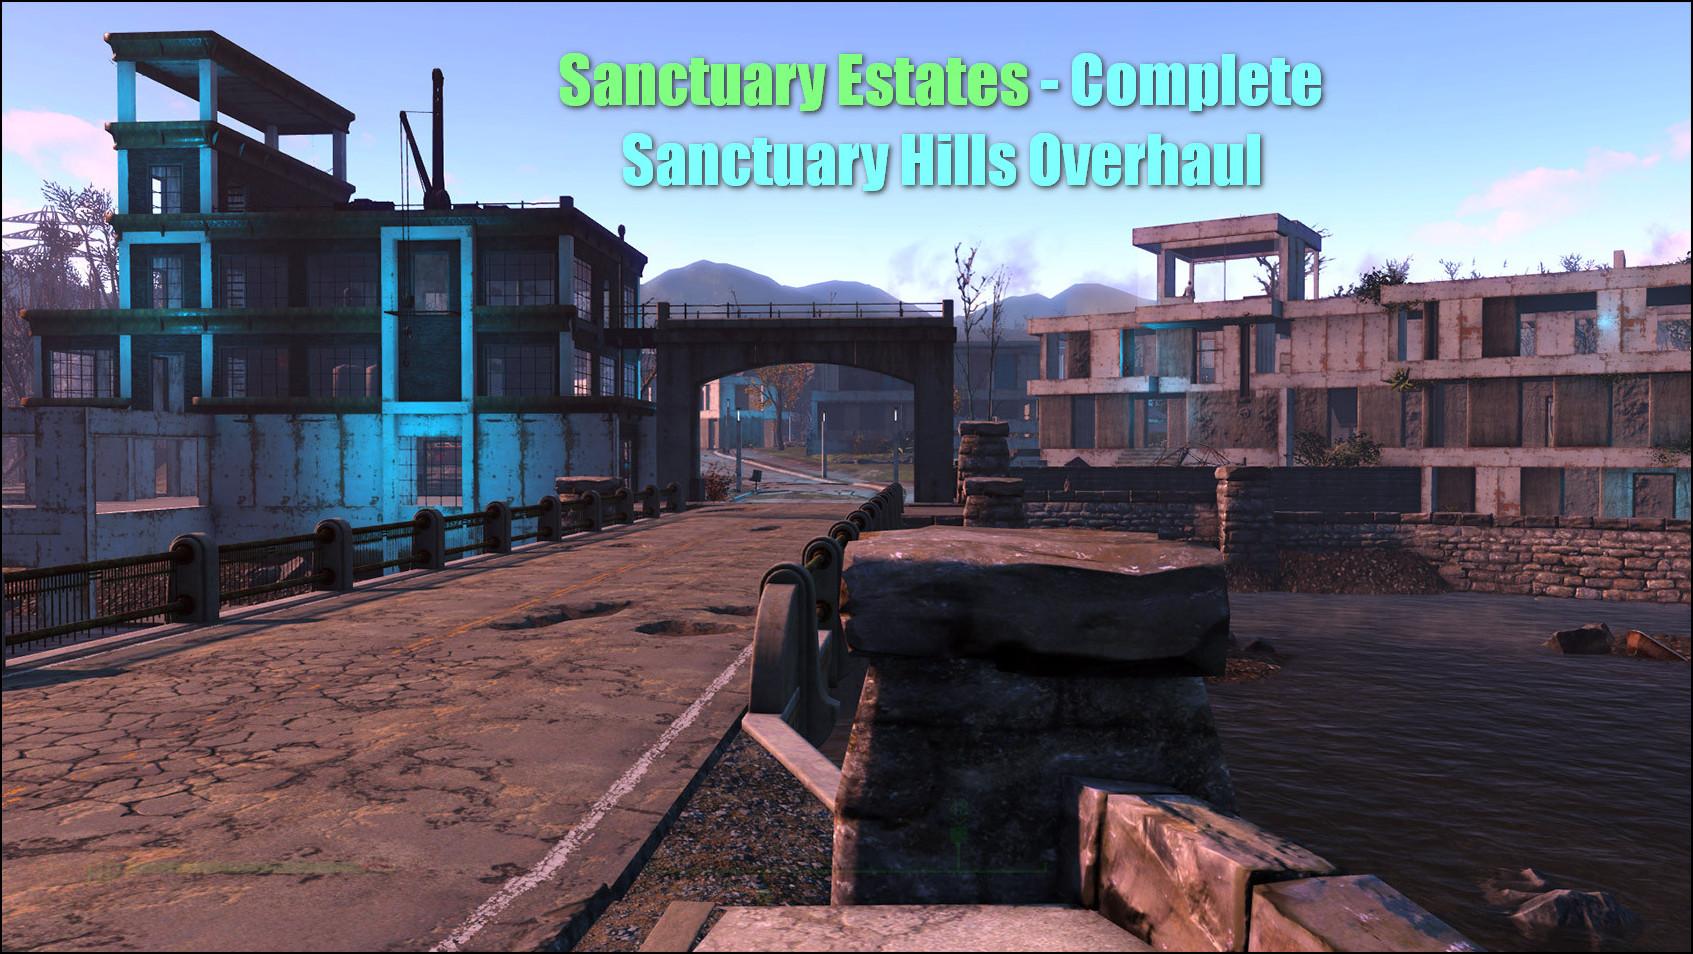 Sanctuary Estates капитальный ремонт Сэнкчуари